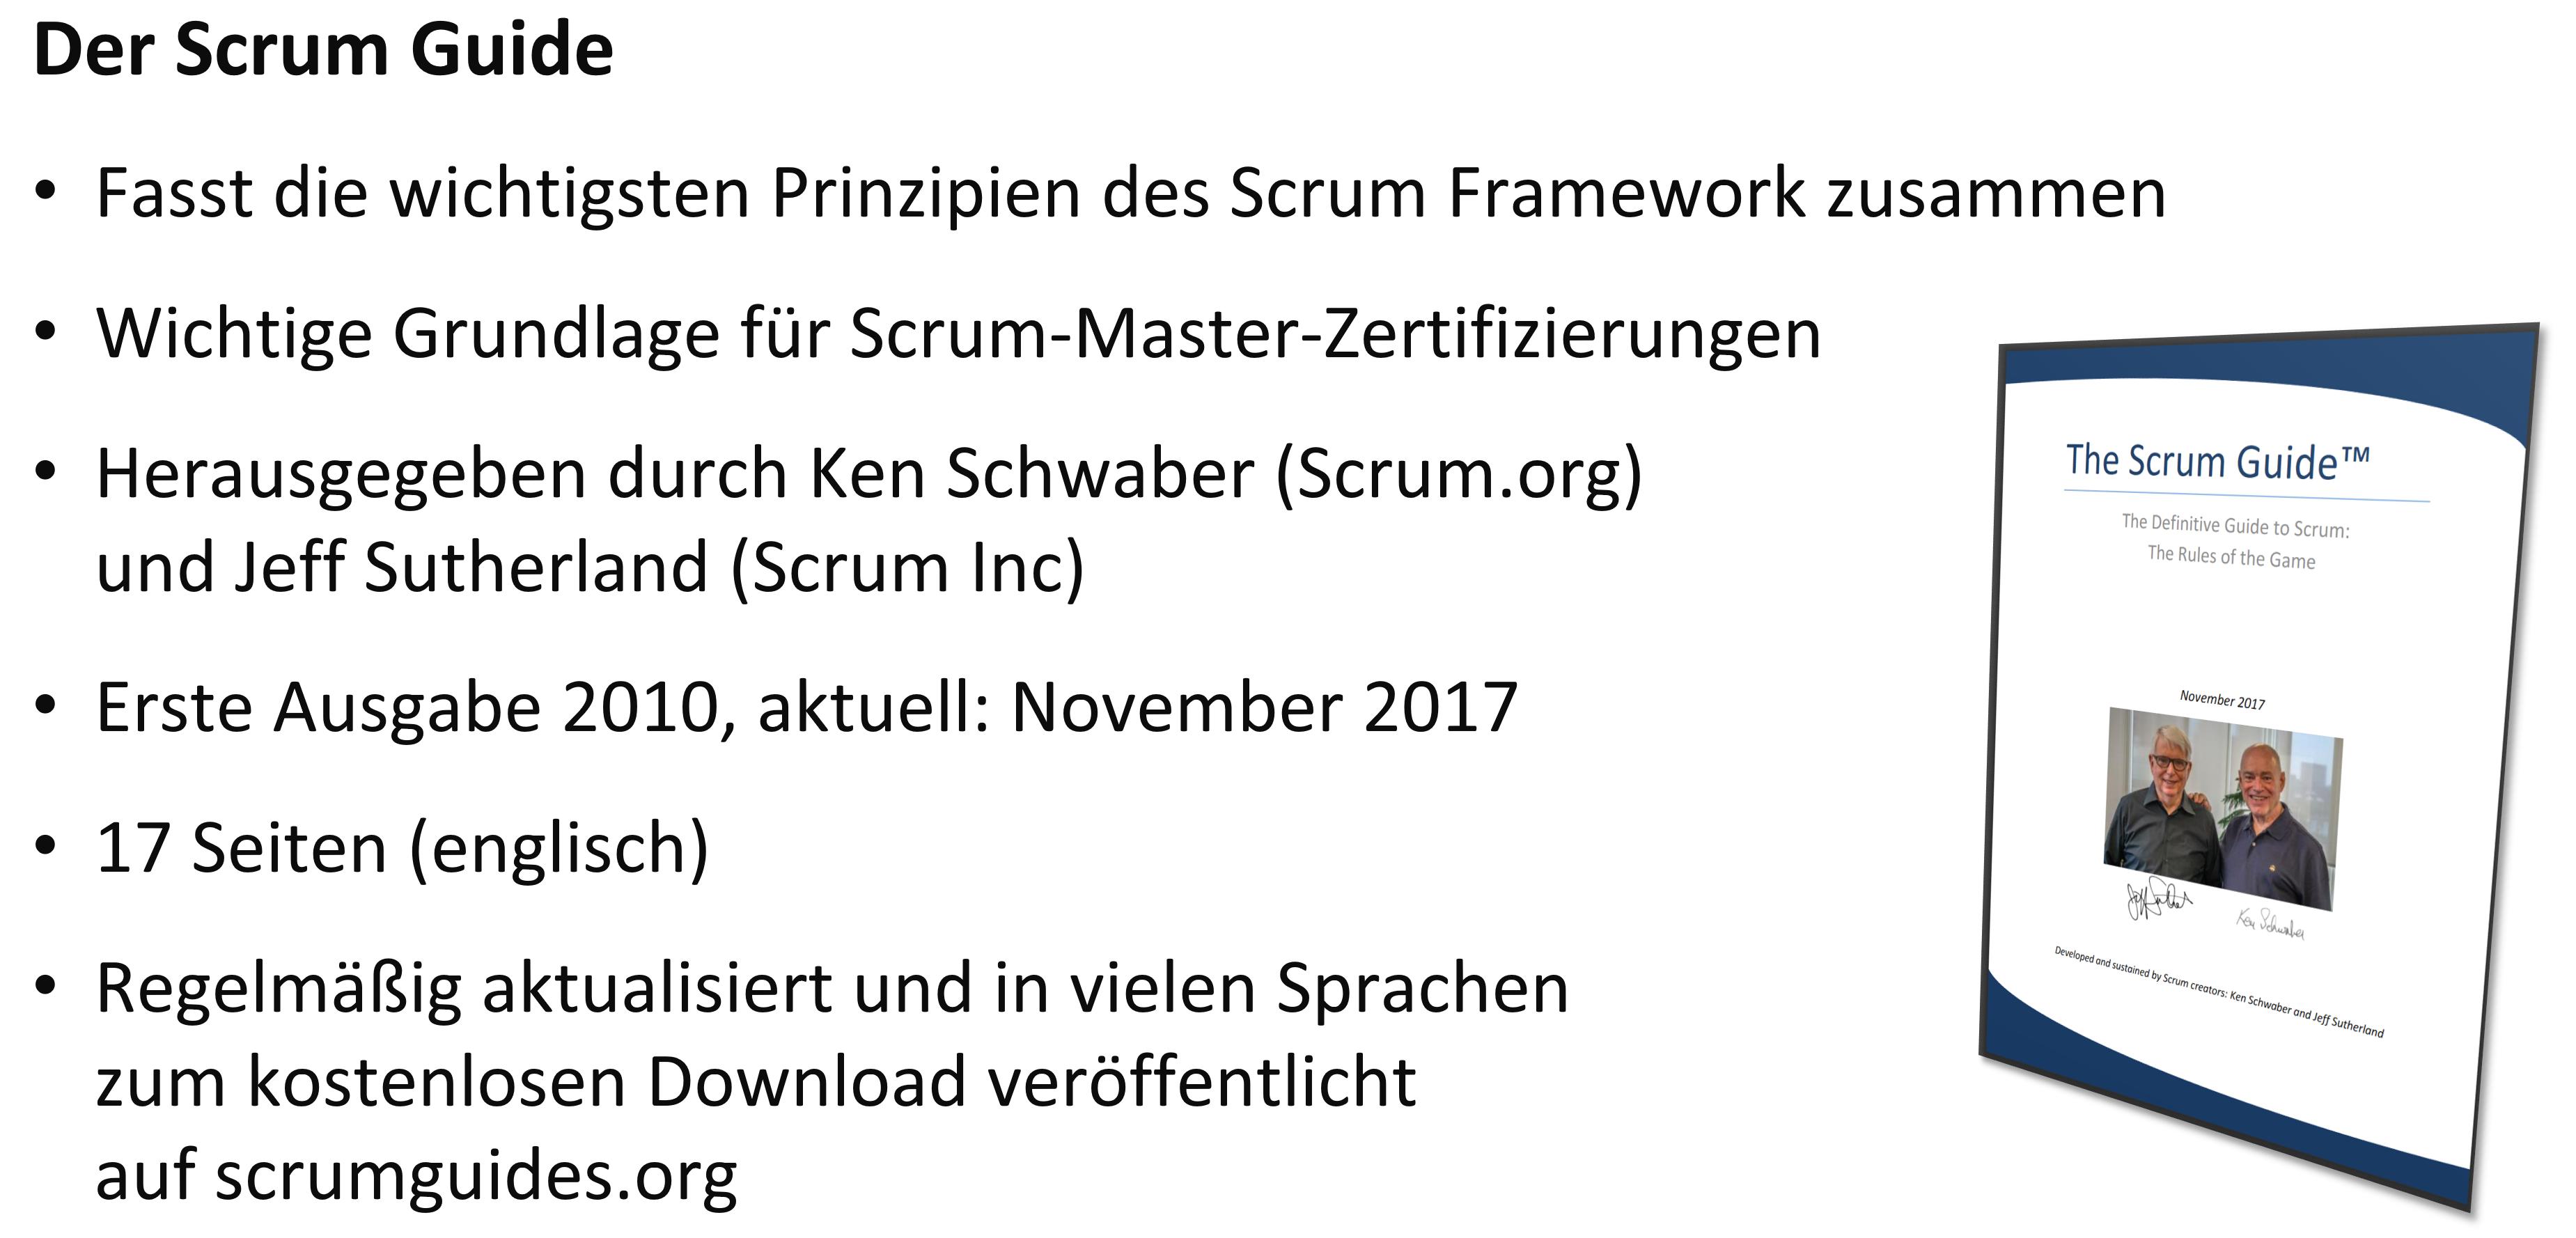 Agile Zertifizierung - Scrum Guide